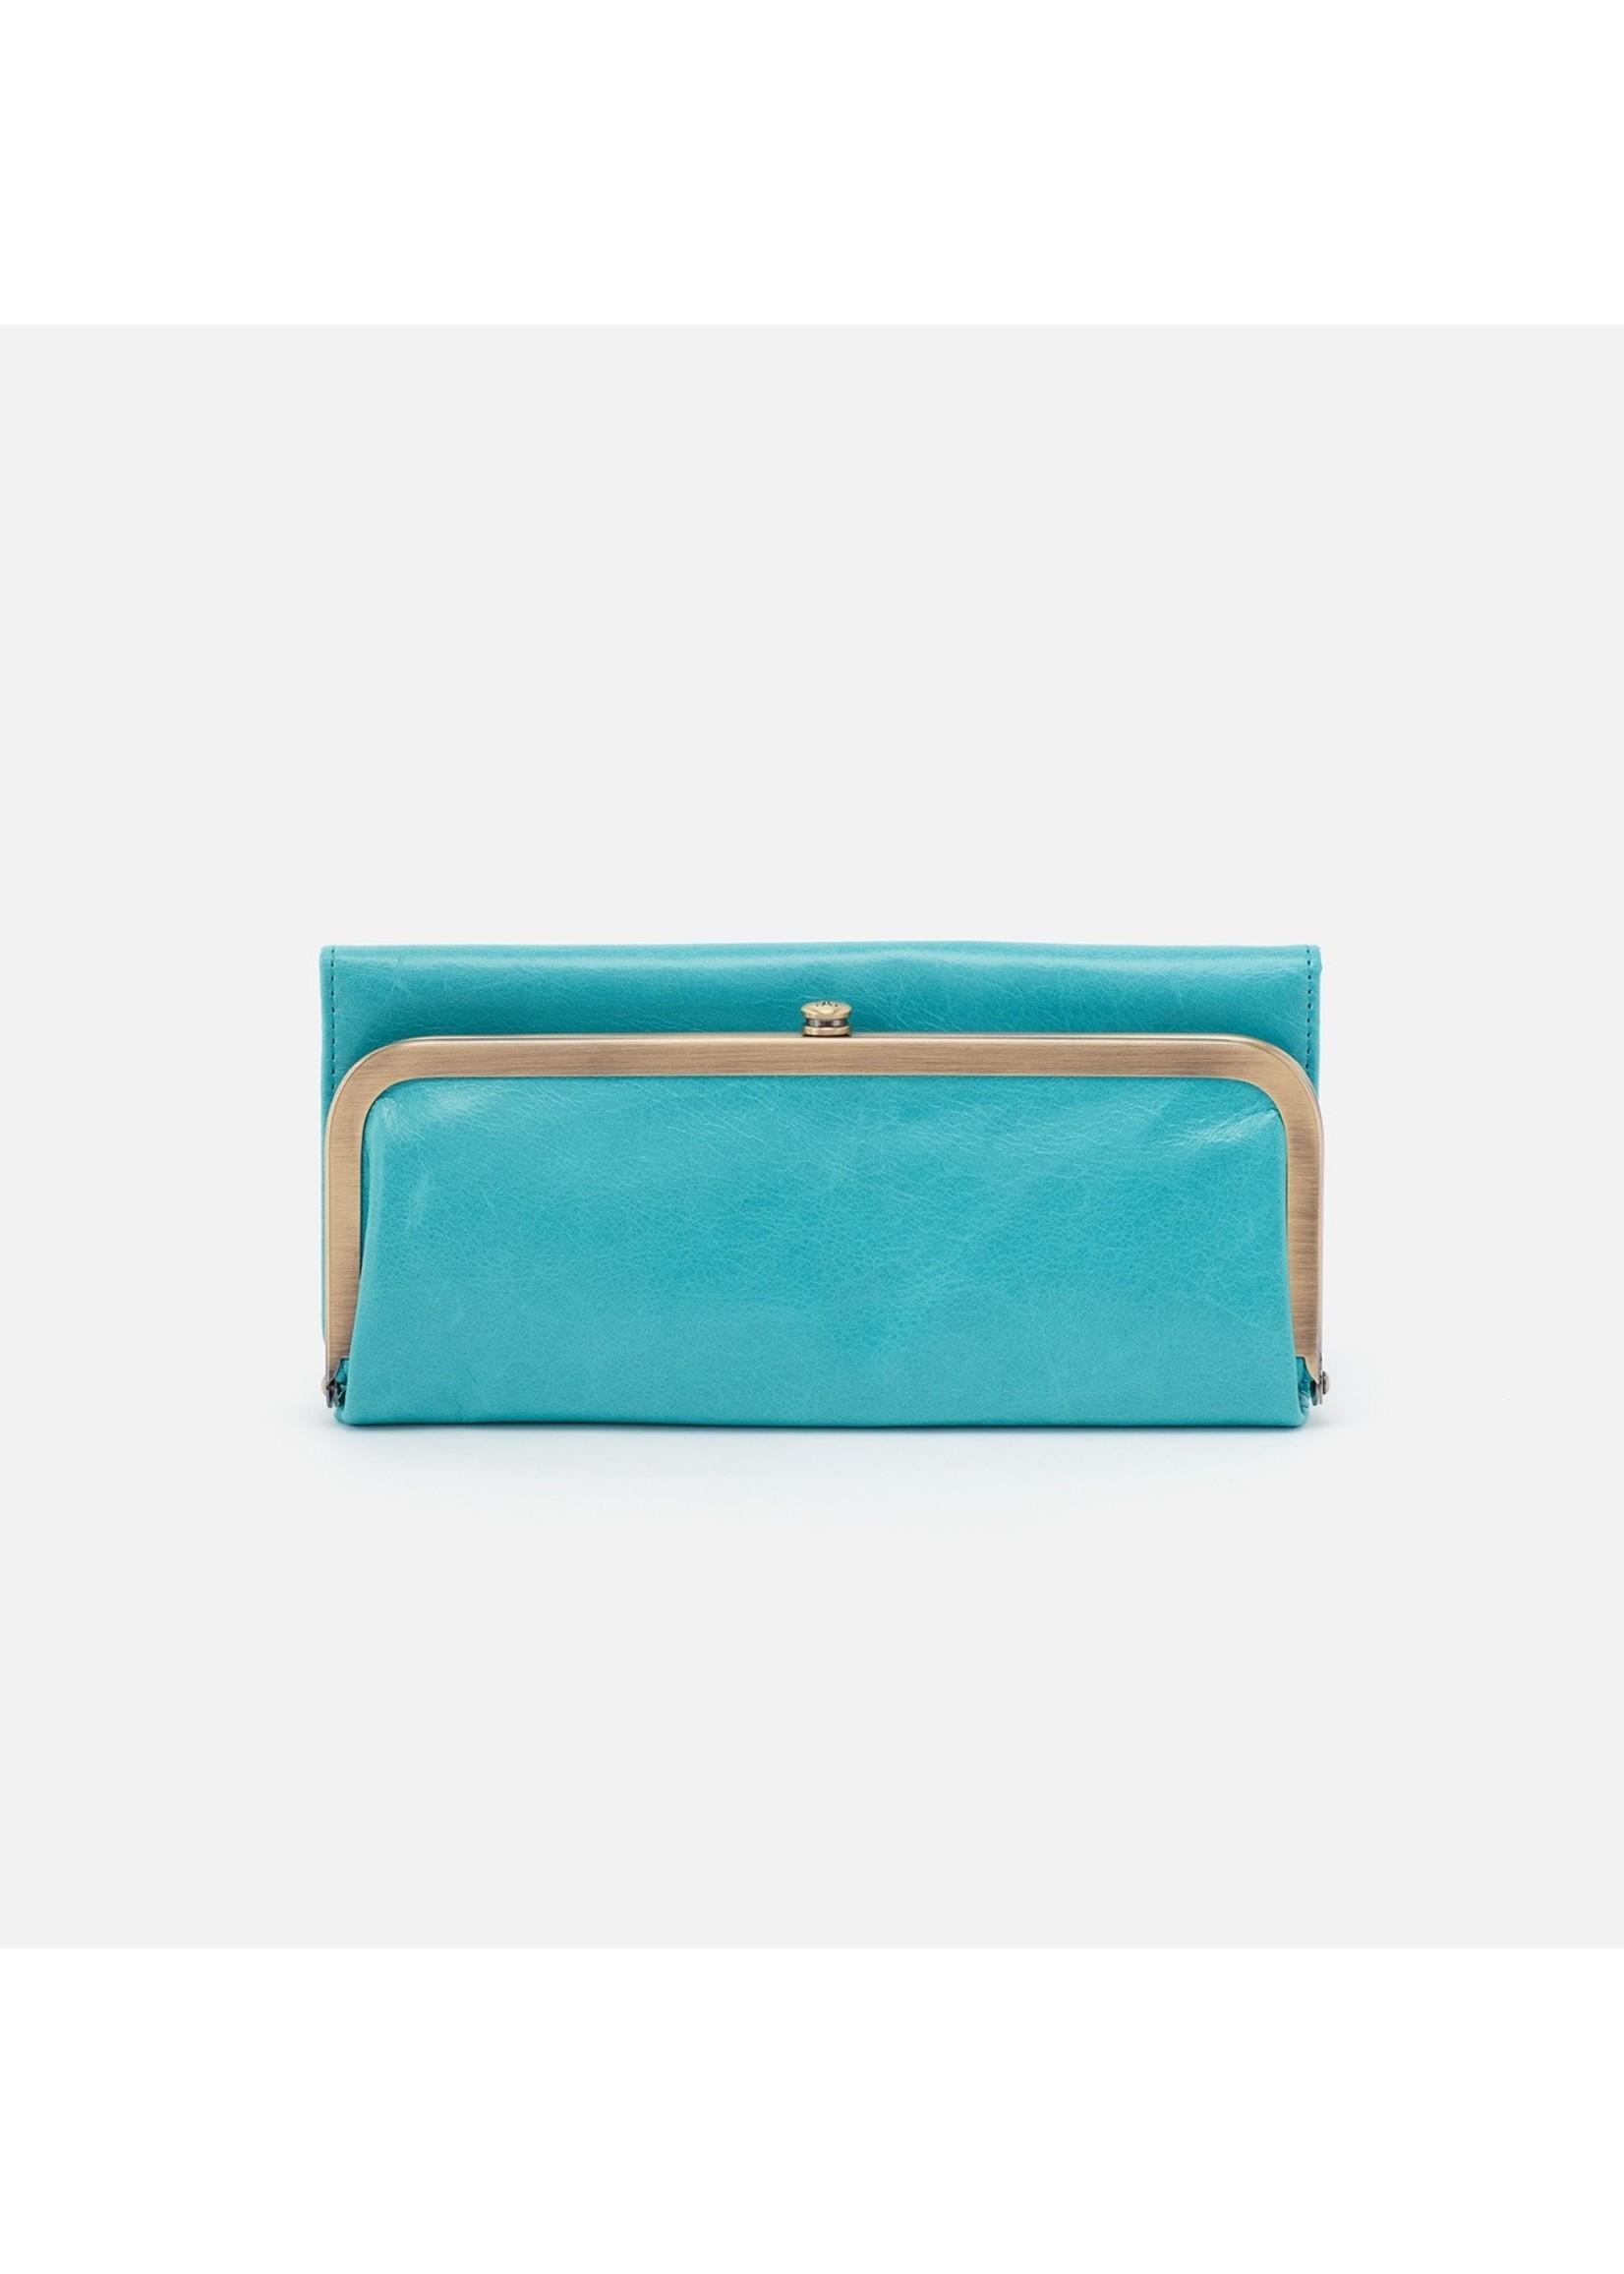 hobo Rachel Continental Wallet - Aqua